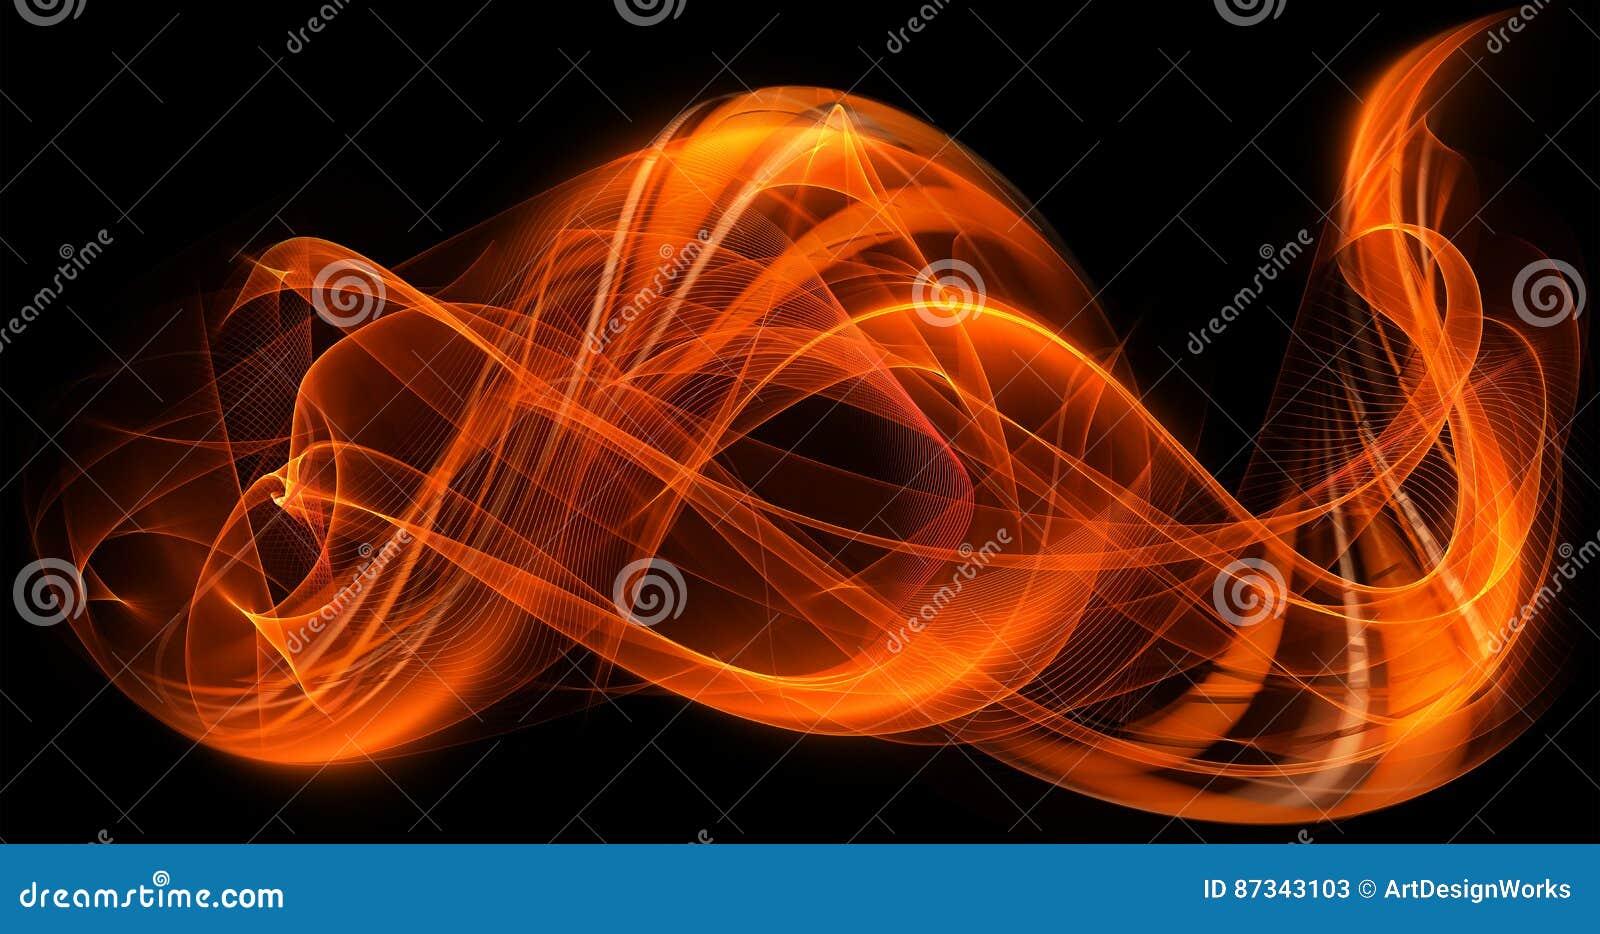 Fondo moderno de la llama del extracto dinámico anaranjado de los colores